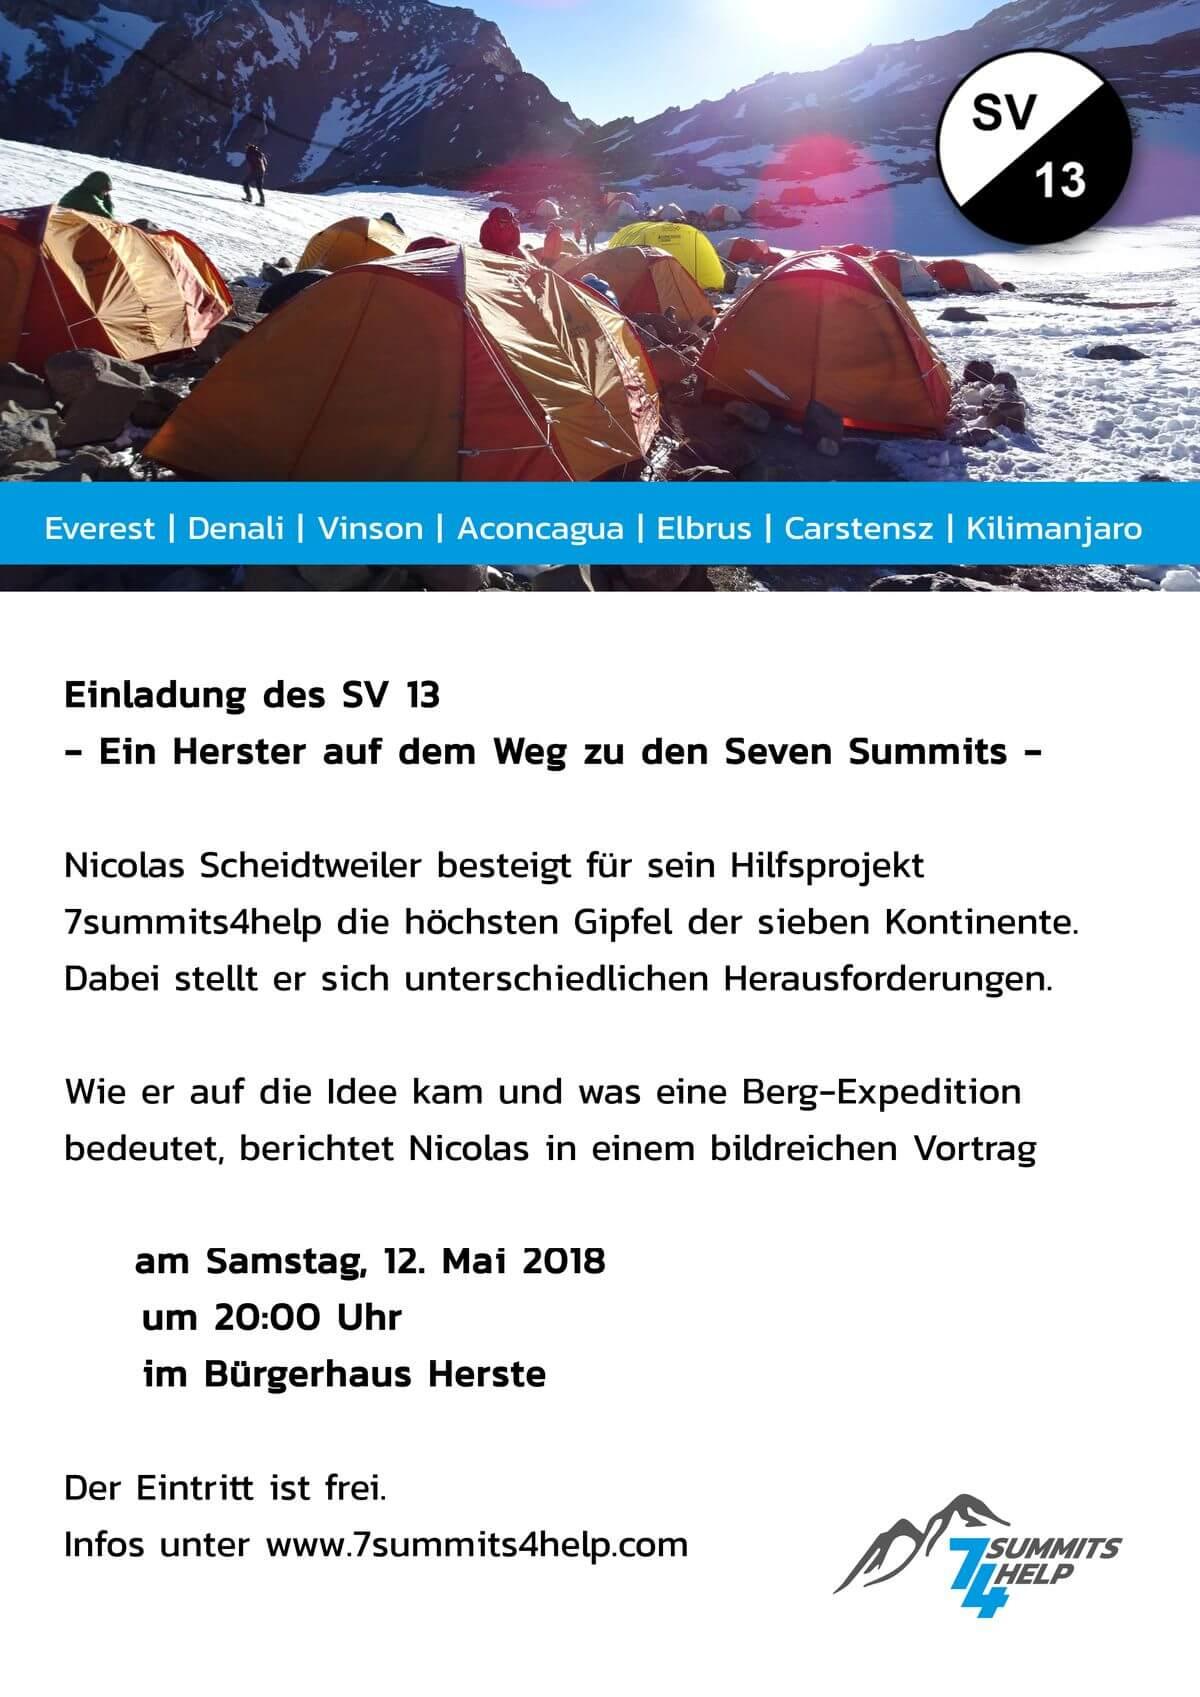 Vortrag beim SV 13 Herste im Bürgerhaus mit Nicolas Scheidtweiler